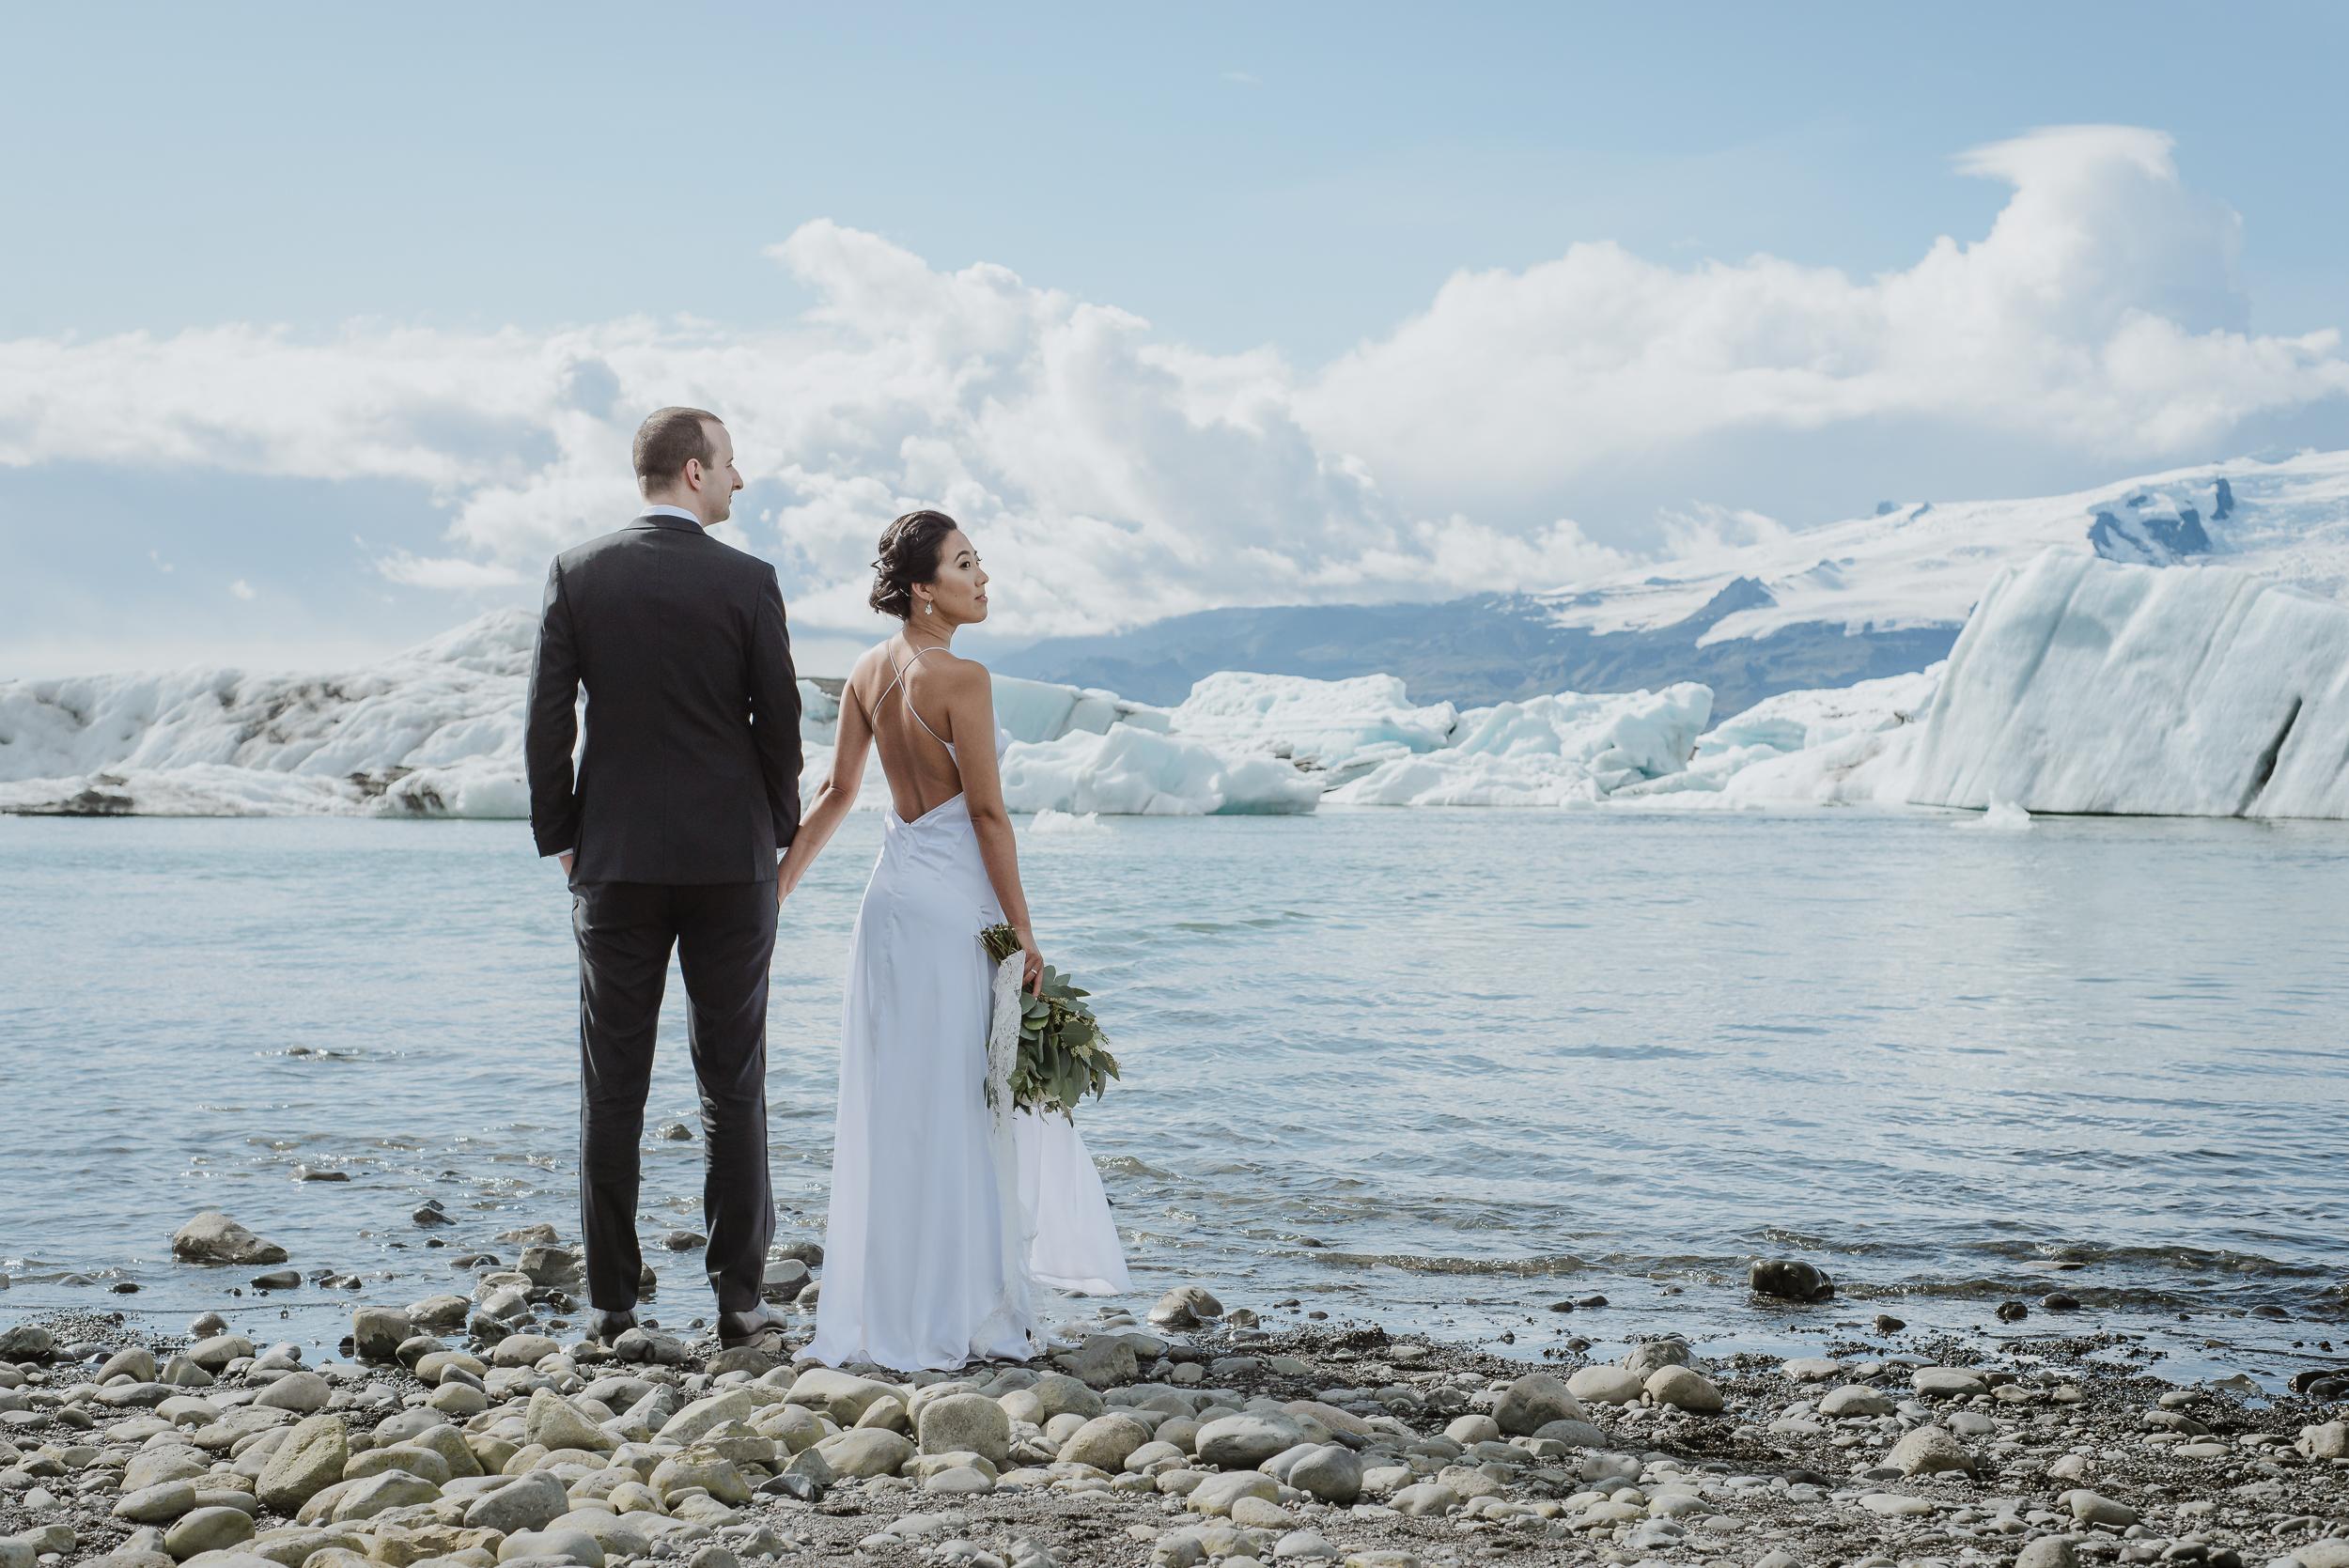 destination-wedding-iceland-engagement-session-vivianchen-084.jpg